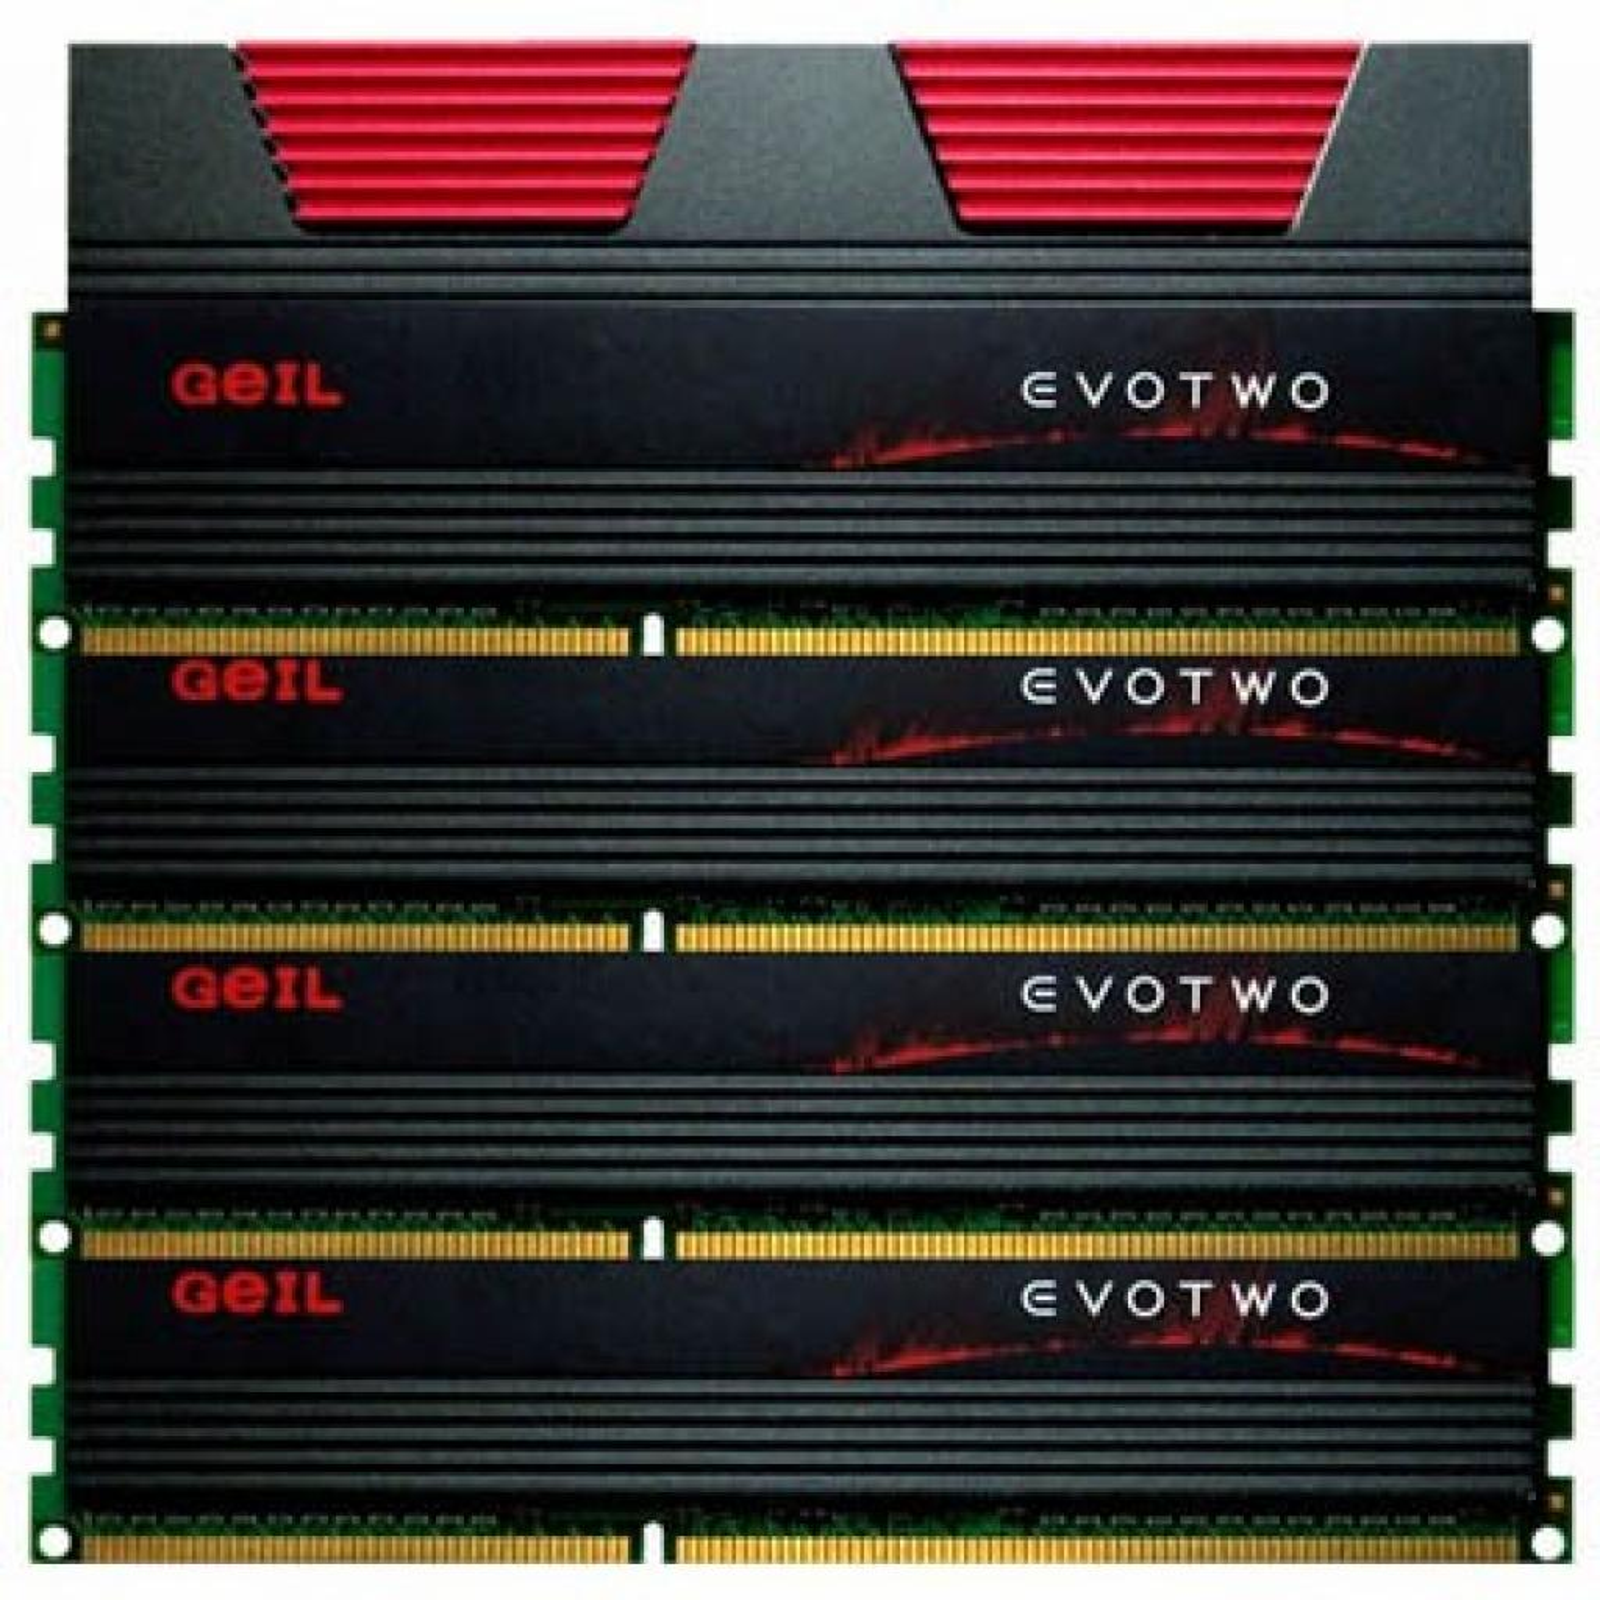 Модуль памяти для компьютера DDR3 16GB (4x4GB) 2133 MHz GEIL (GET316GB2133C11QC)